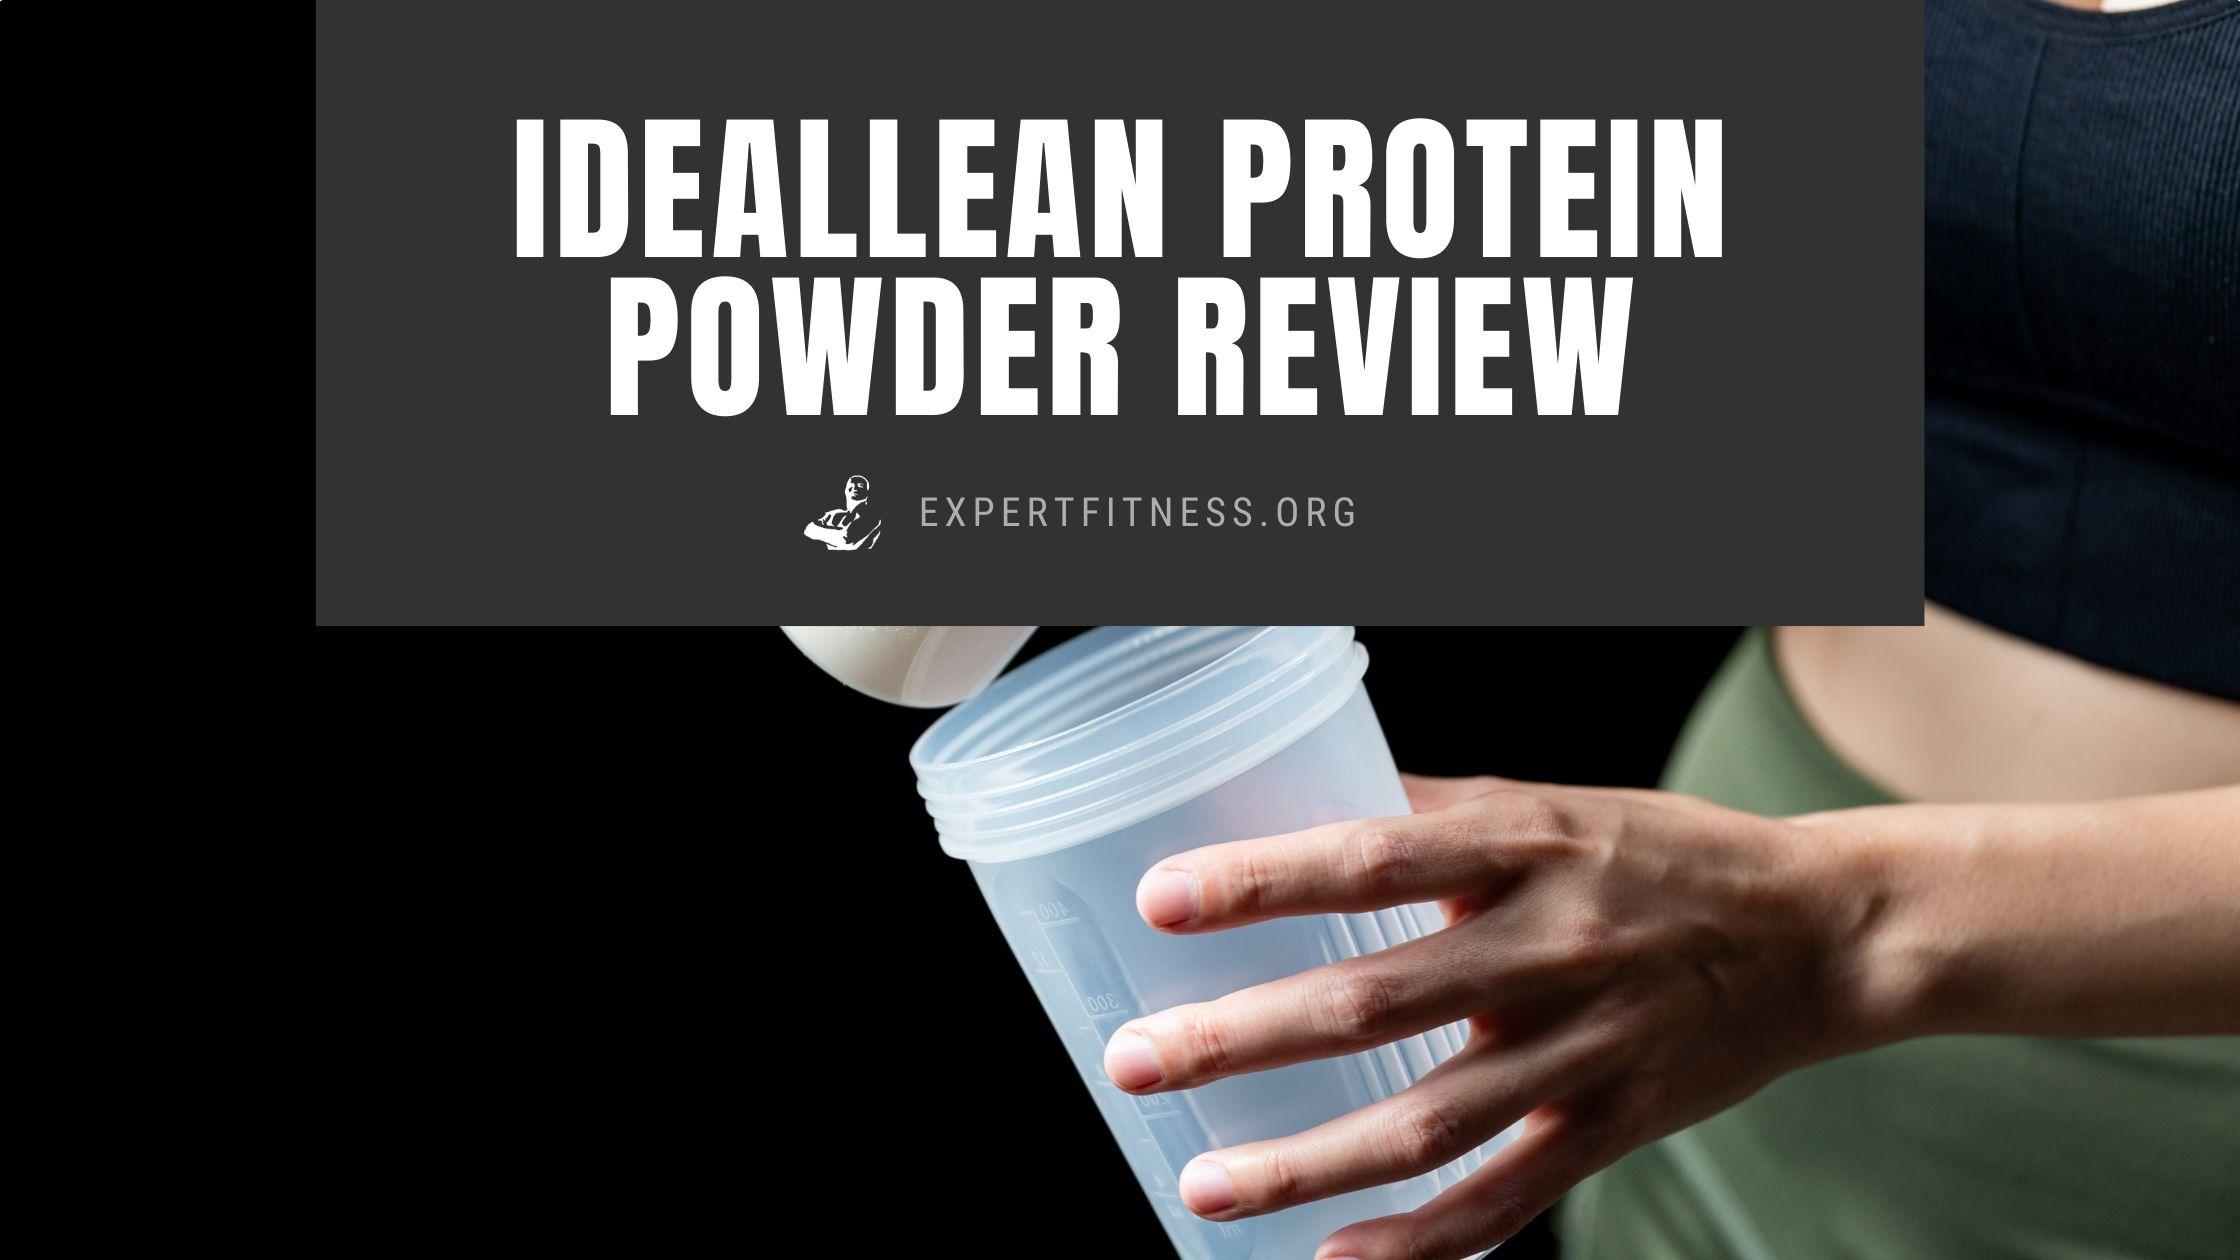 ideallean protein powder review